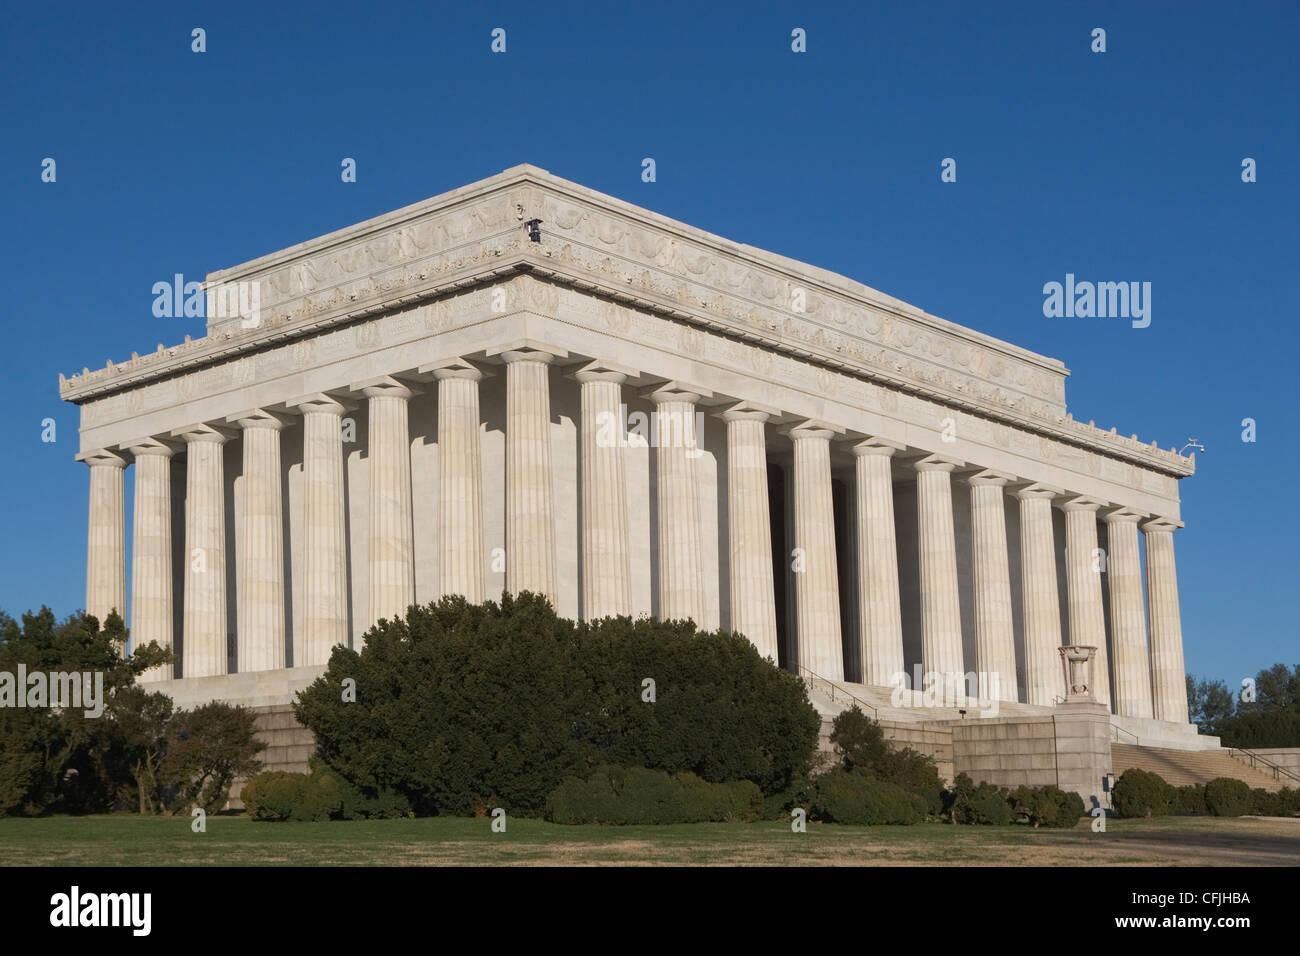 El Lincoln Memorial, Washington DC, EE.UU. Imagen De Stock